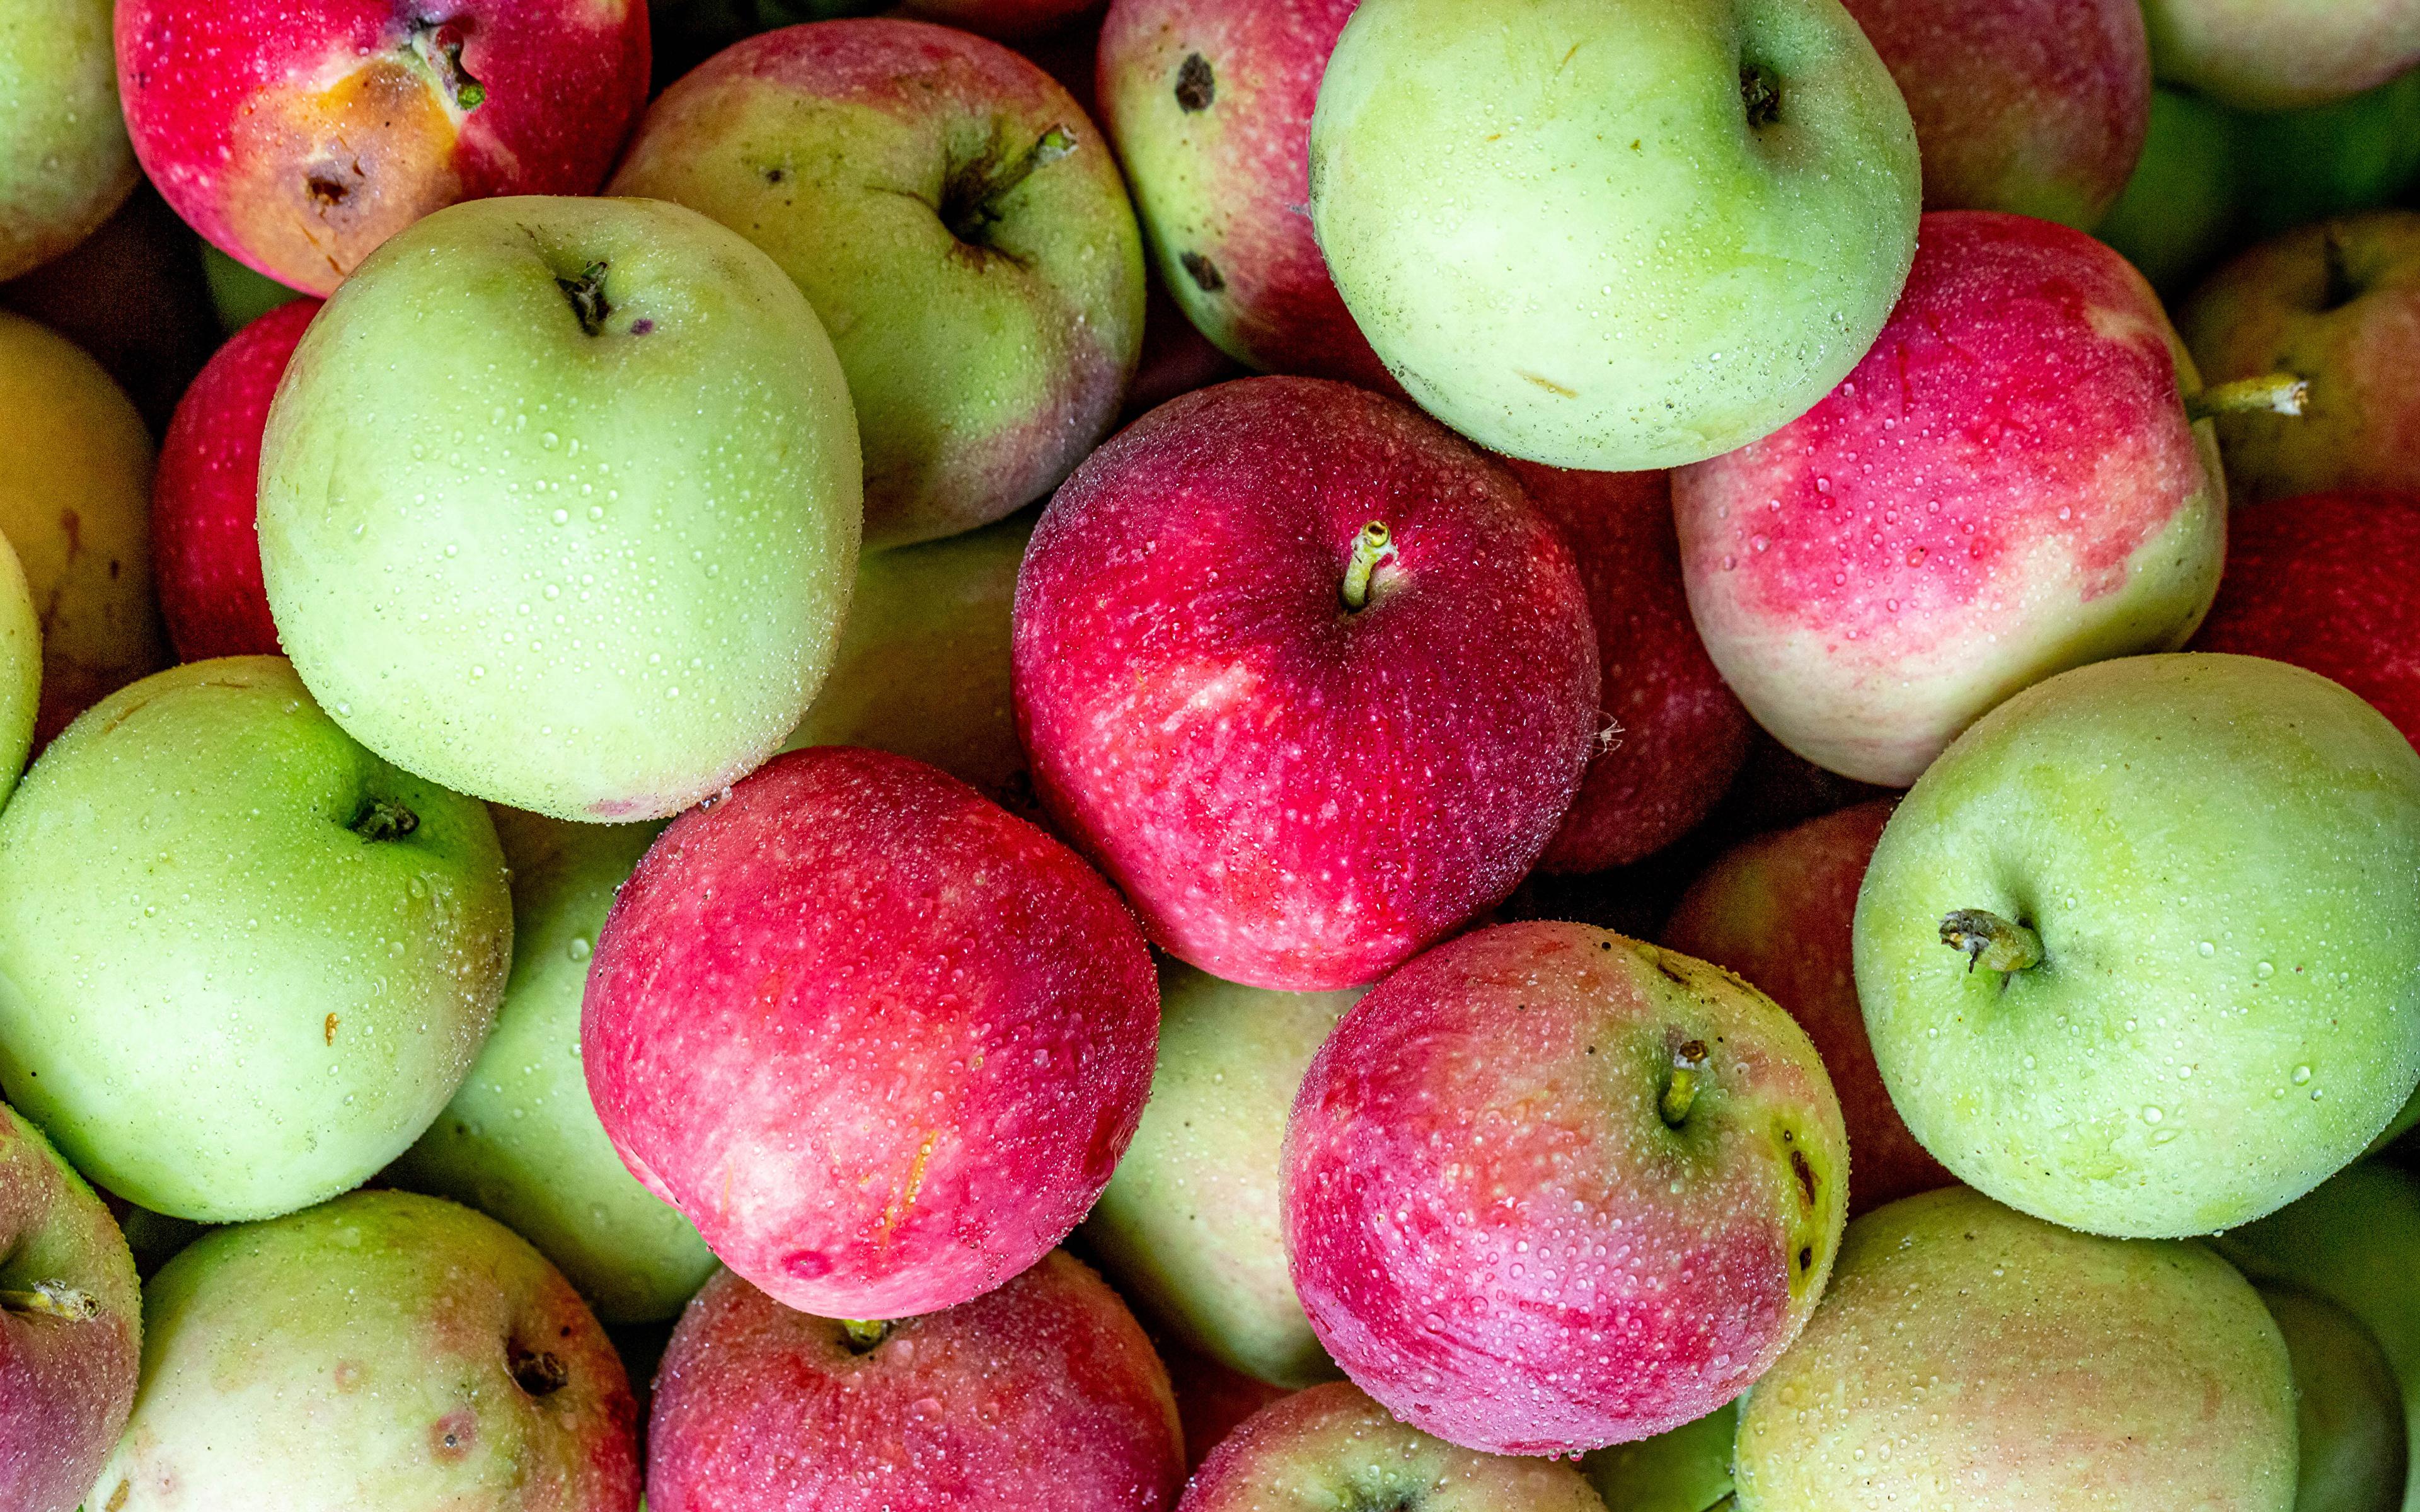 3840x2400、りんご、クローズアップ、、食べ物、食品、